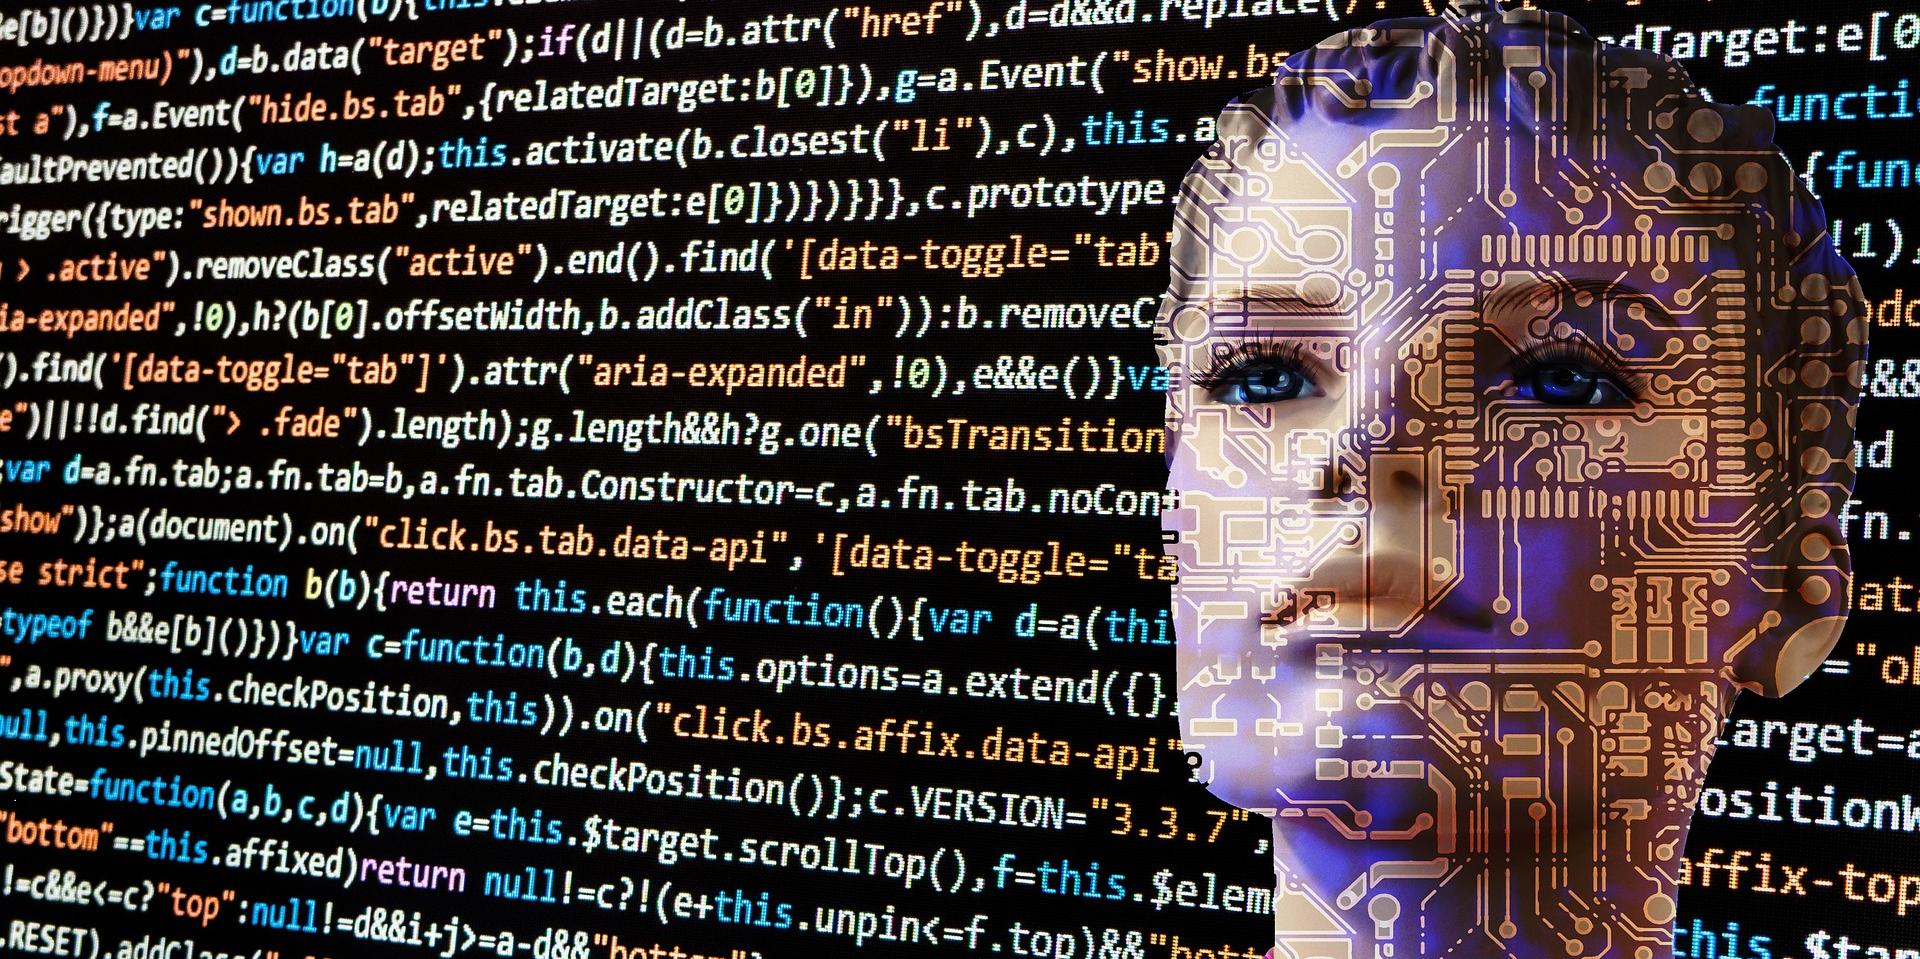 """Résultat de recherche d'images pour """"l'inconscient visualiser comme un programme informatique."""""""